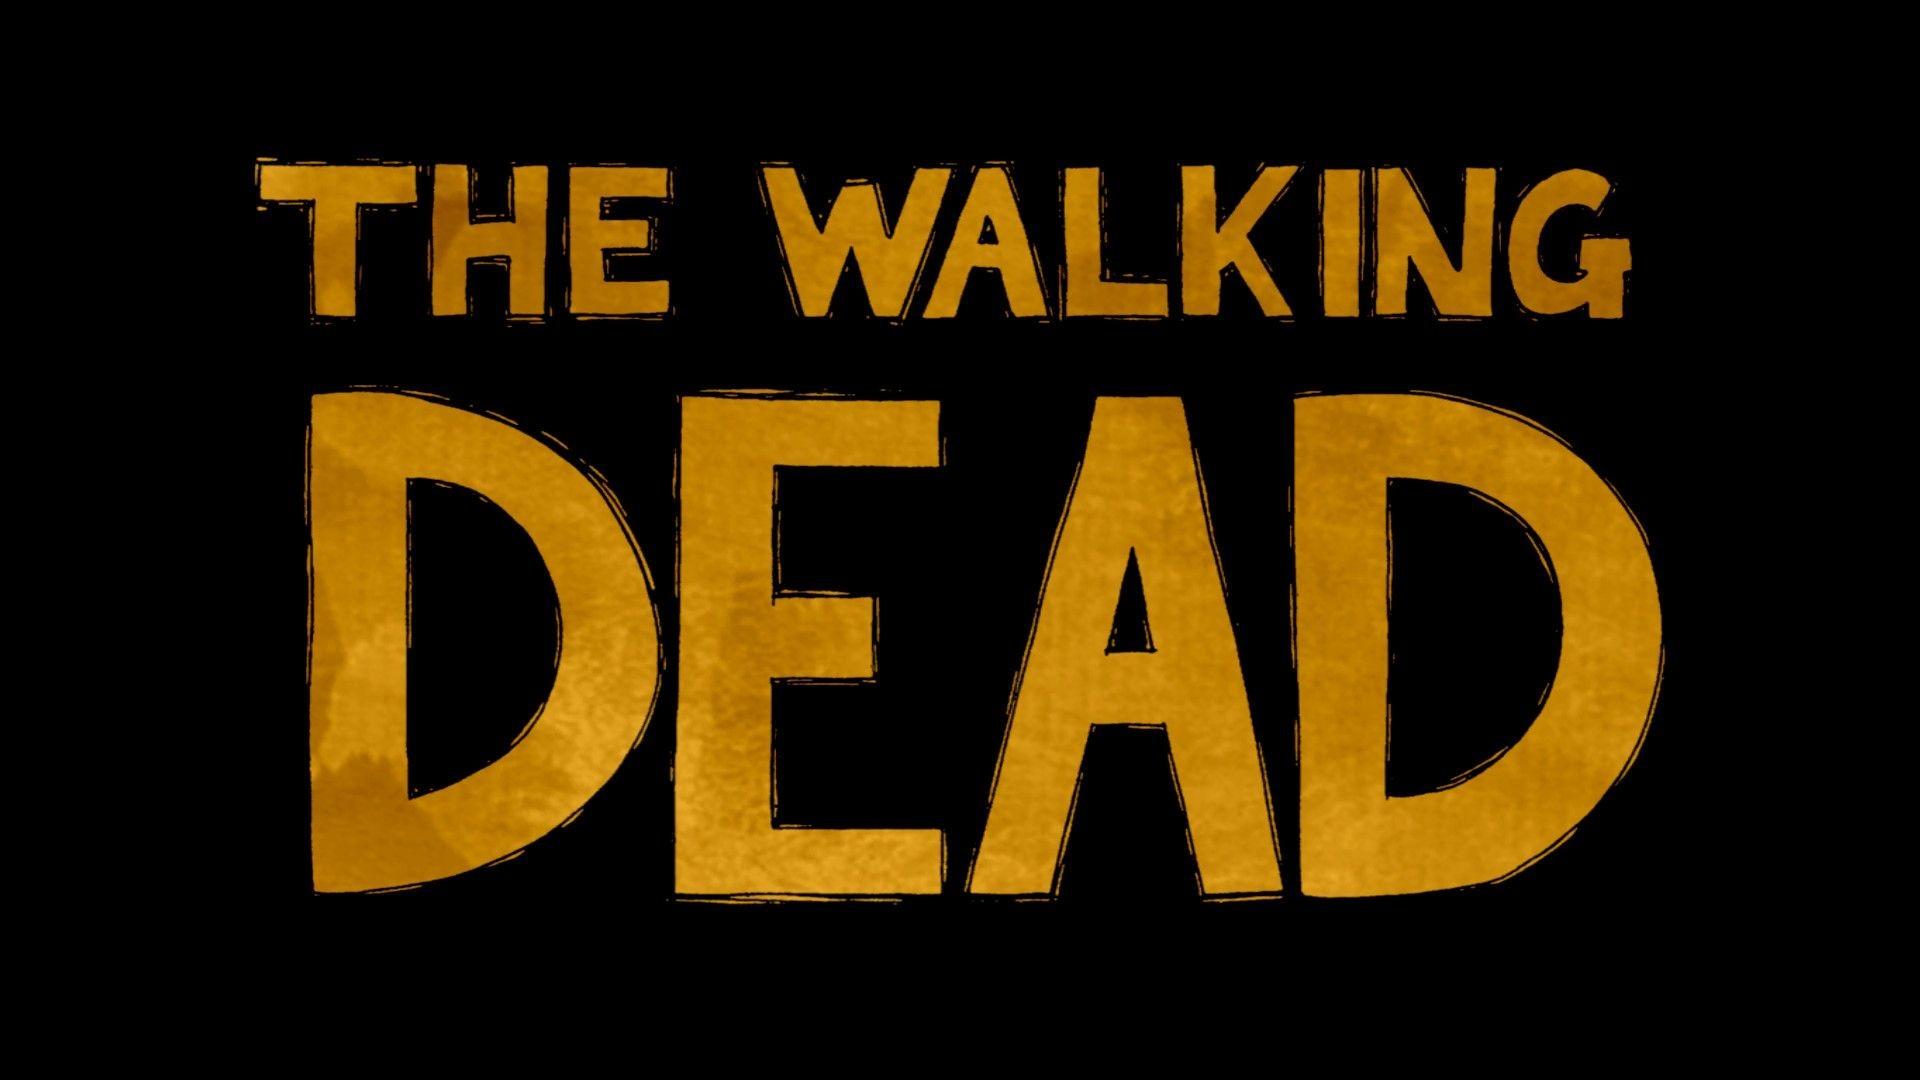 The walking dead wallpaper Group 1920×1080